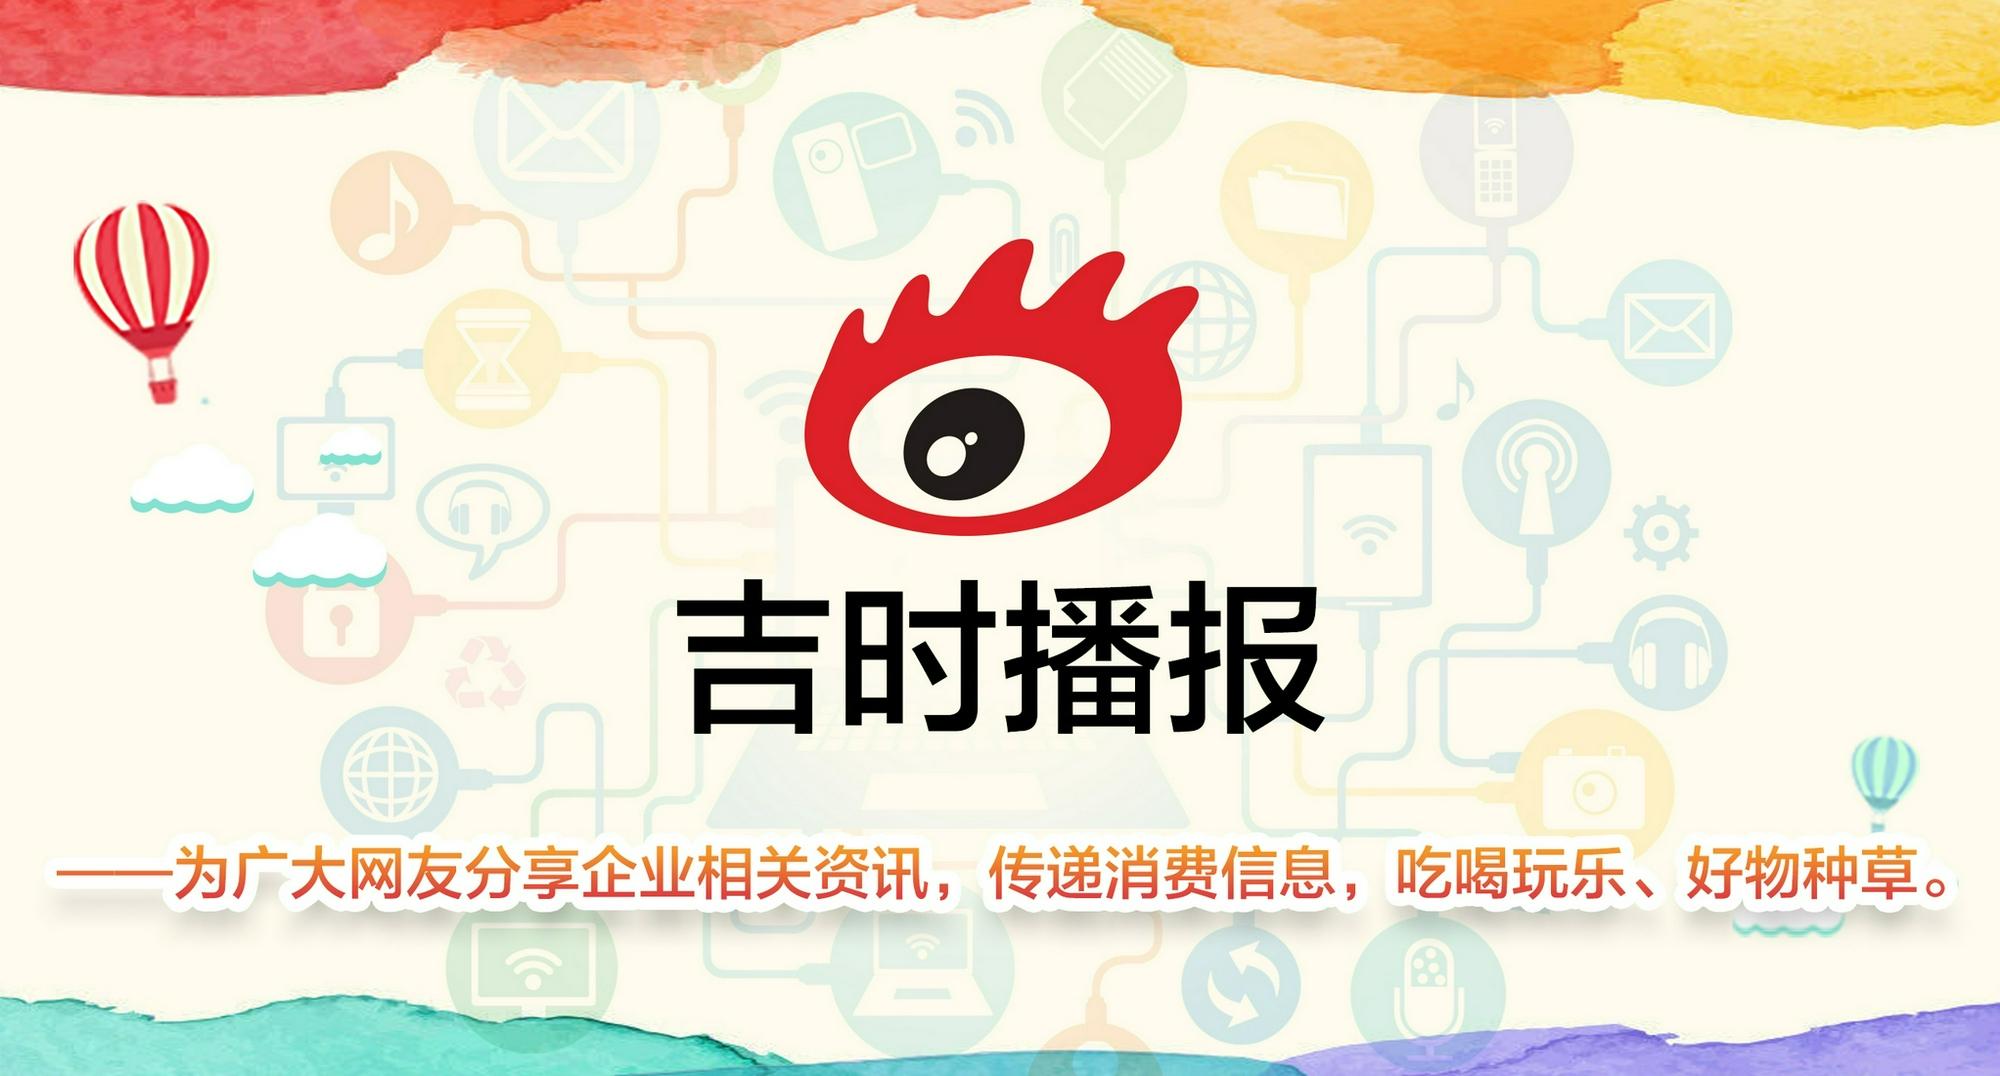 新浪吉林官方账号@吉时播报